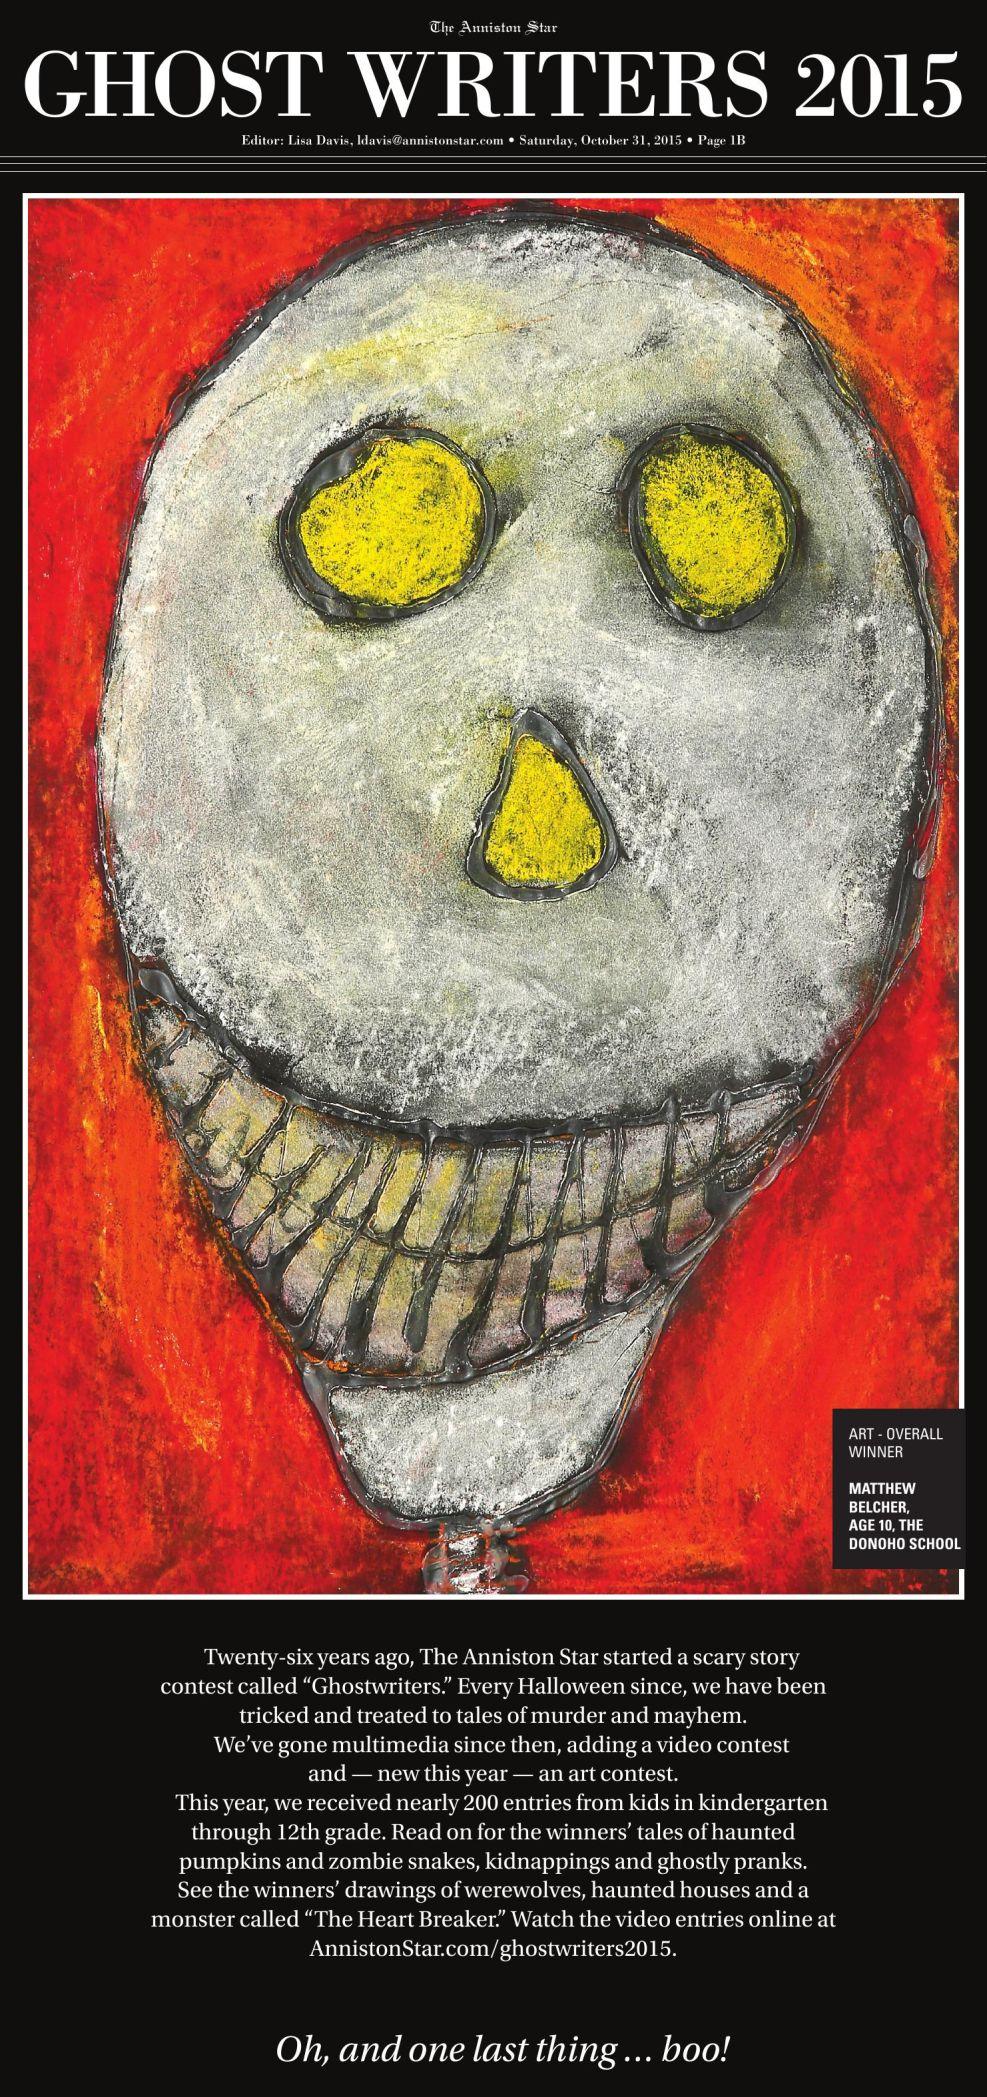 Ghostwriters 2015